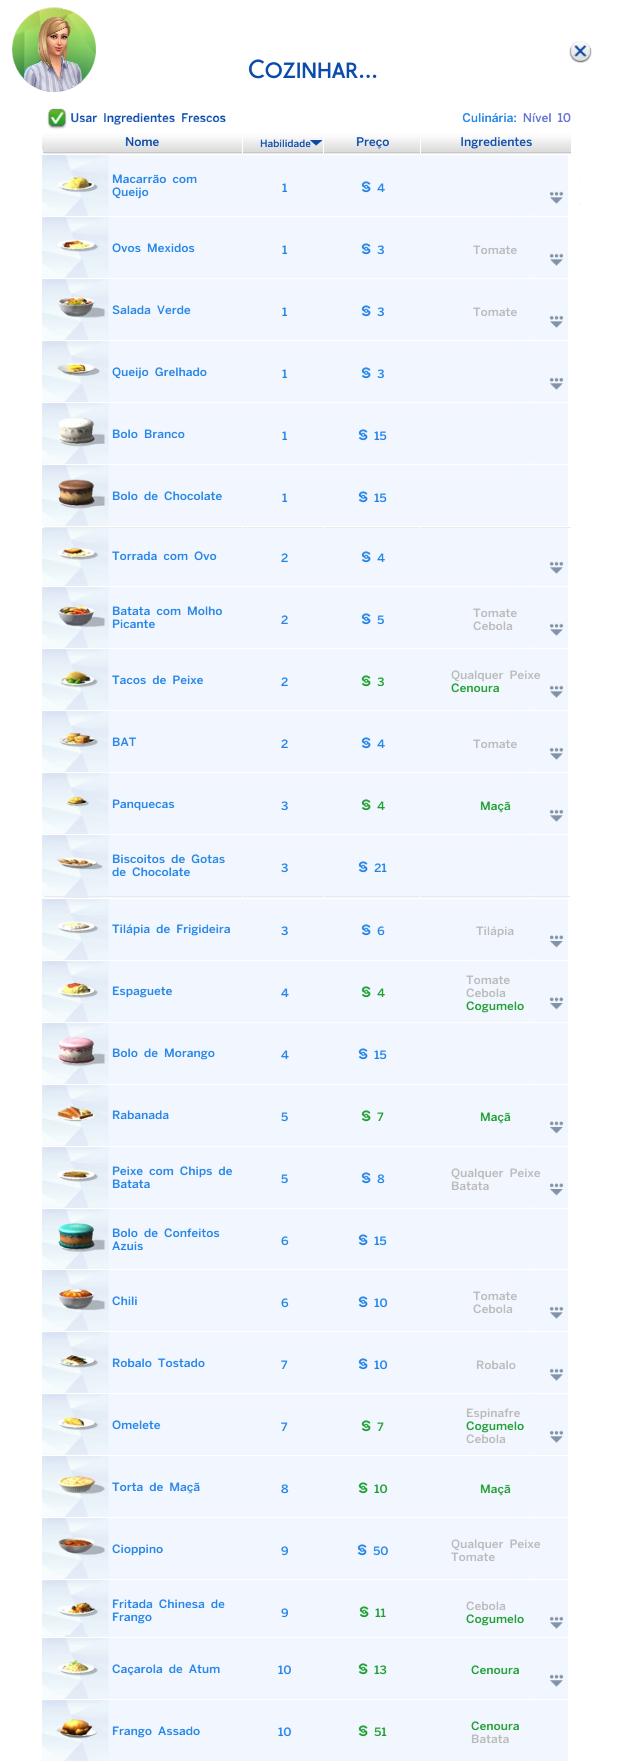 lista receitas the sims 4 - habilidade culinária